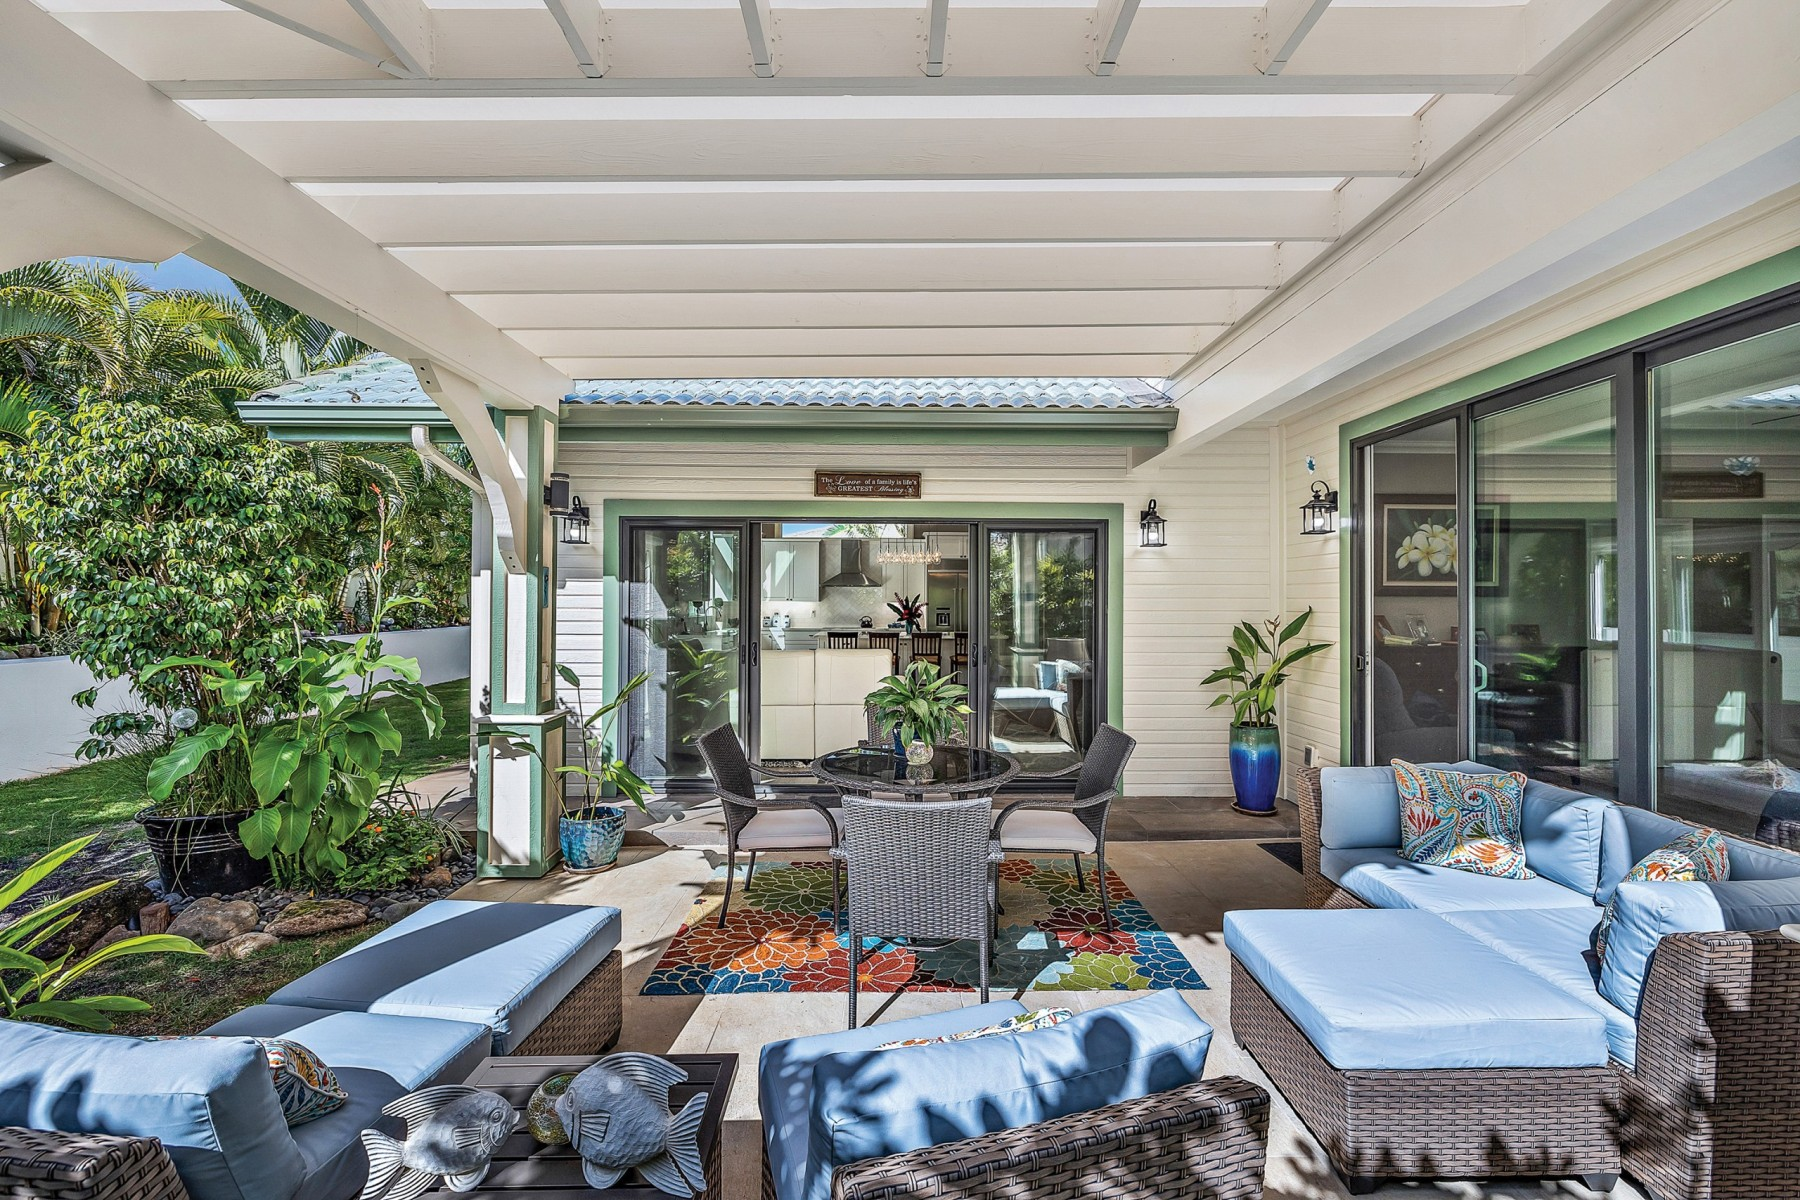 relaxing backyard lounge space